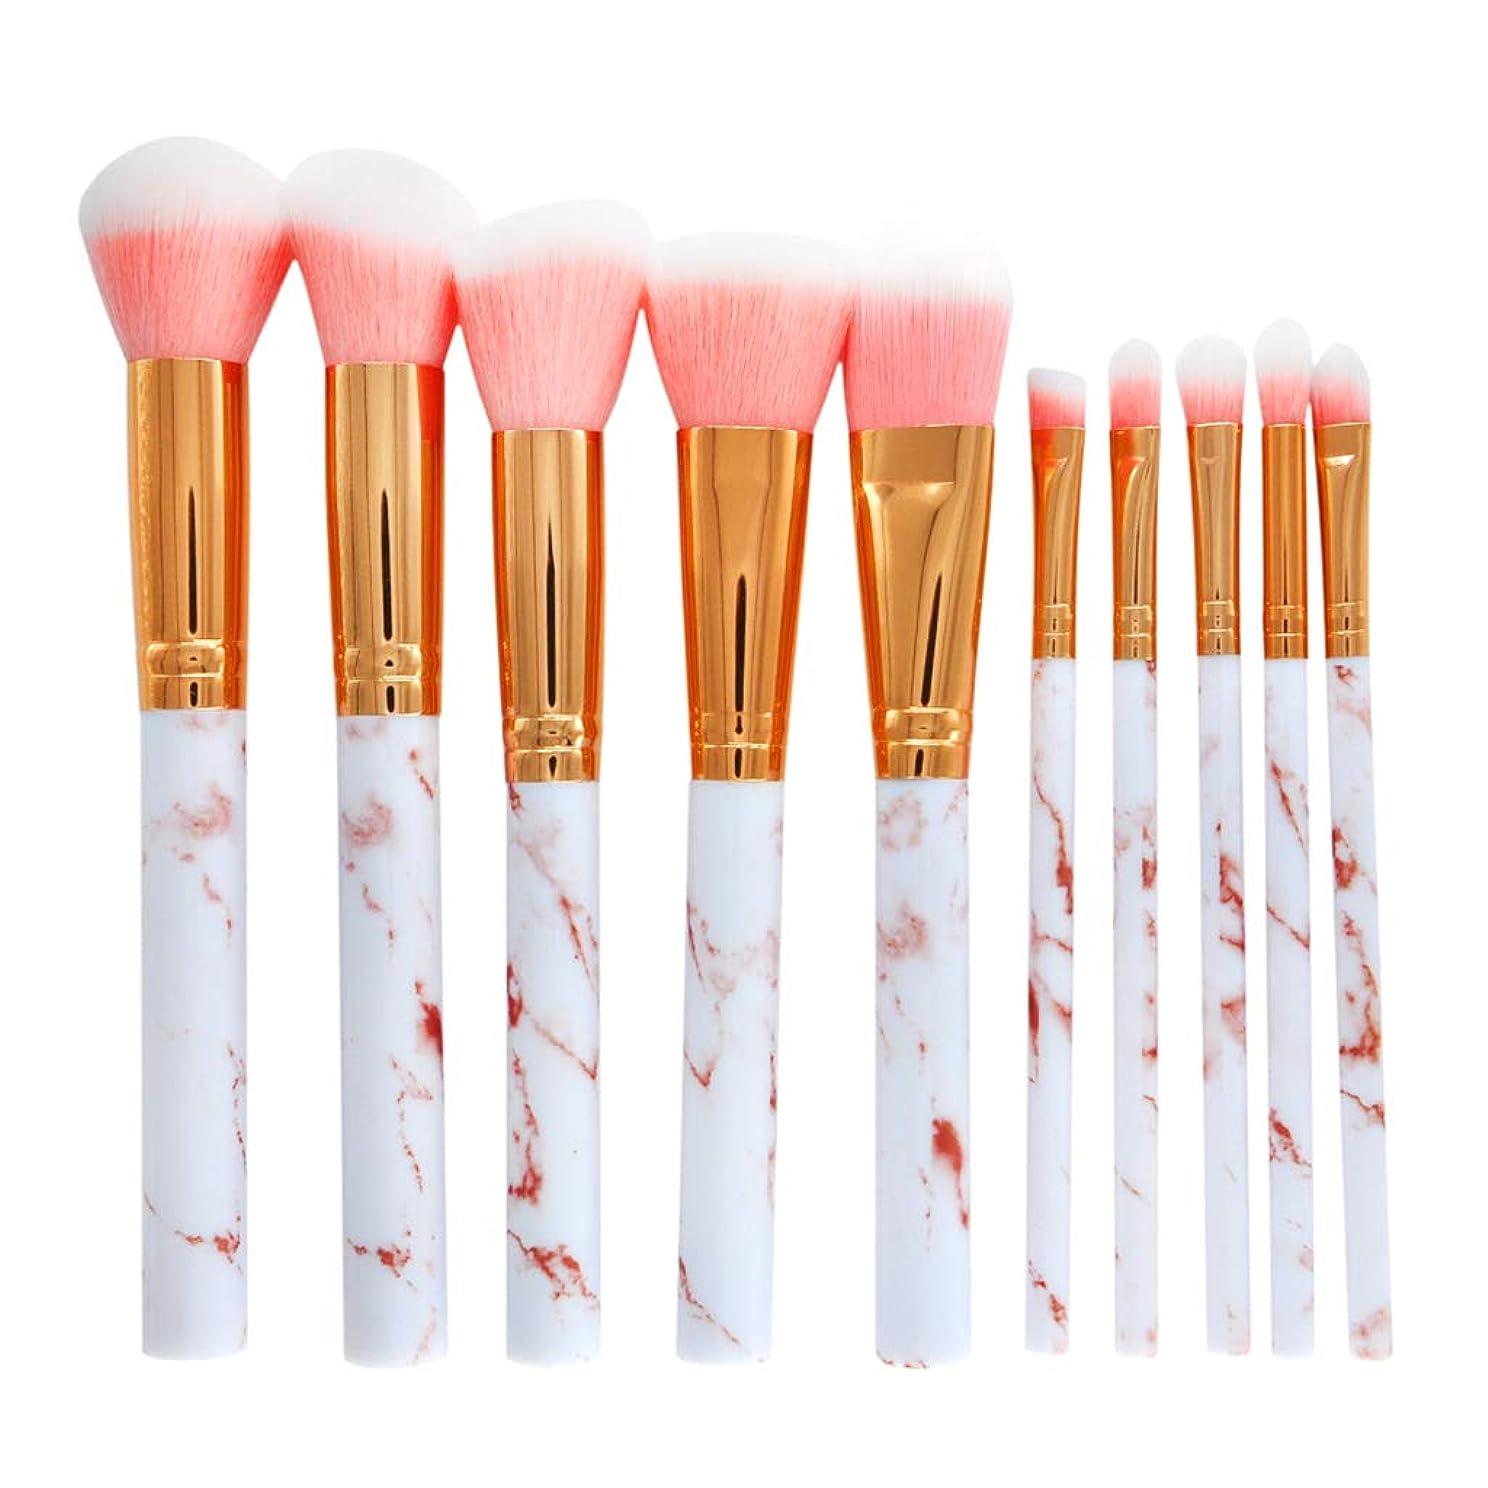 ドック理容室設置B Blesiya 10本 メイクブラシ ファンデーション クリーム メイクツール 大理石 化粧ブラシ 3色選べ - ピンク